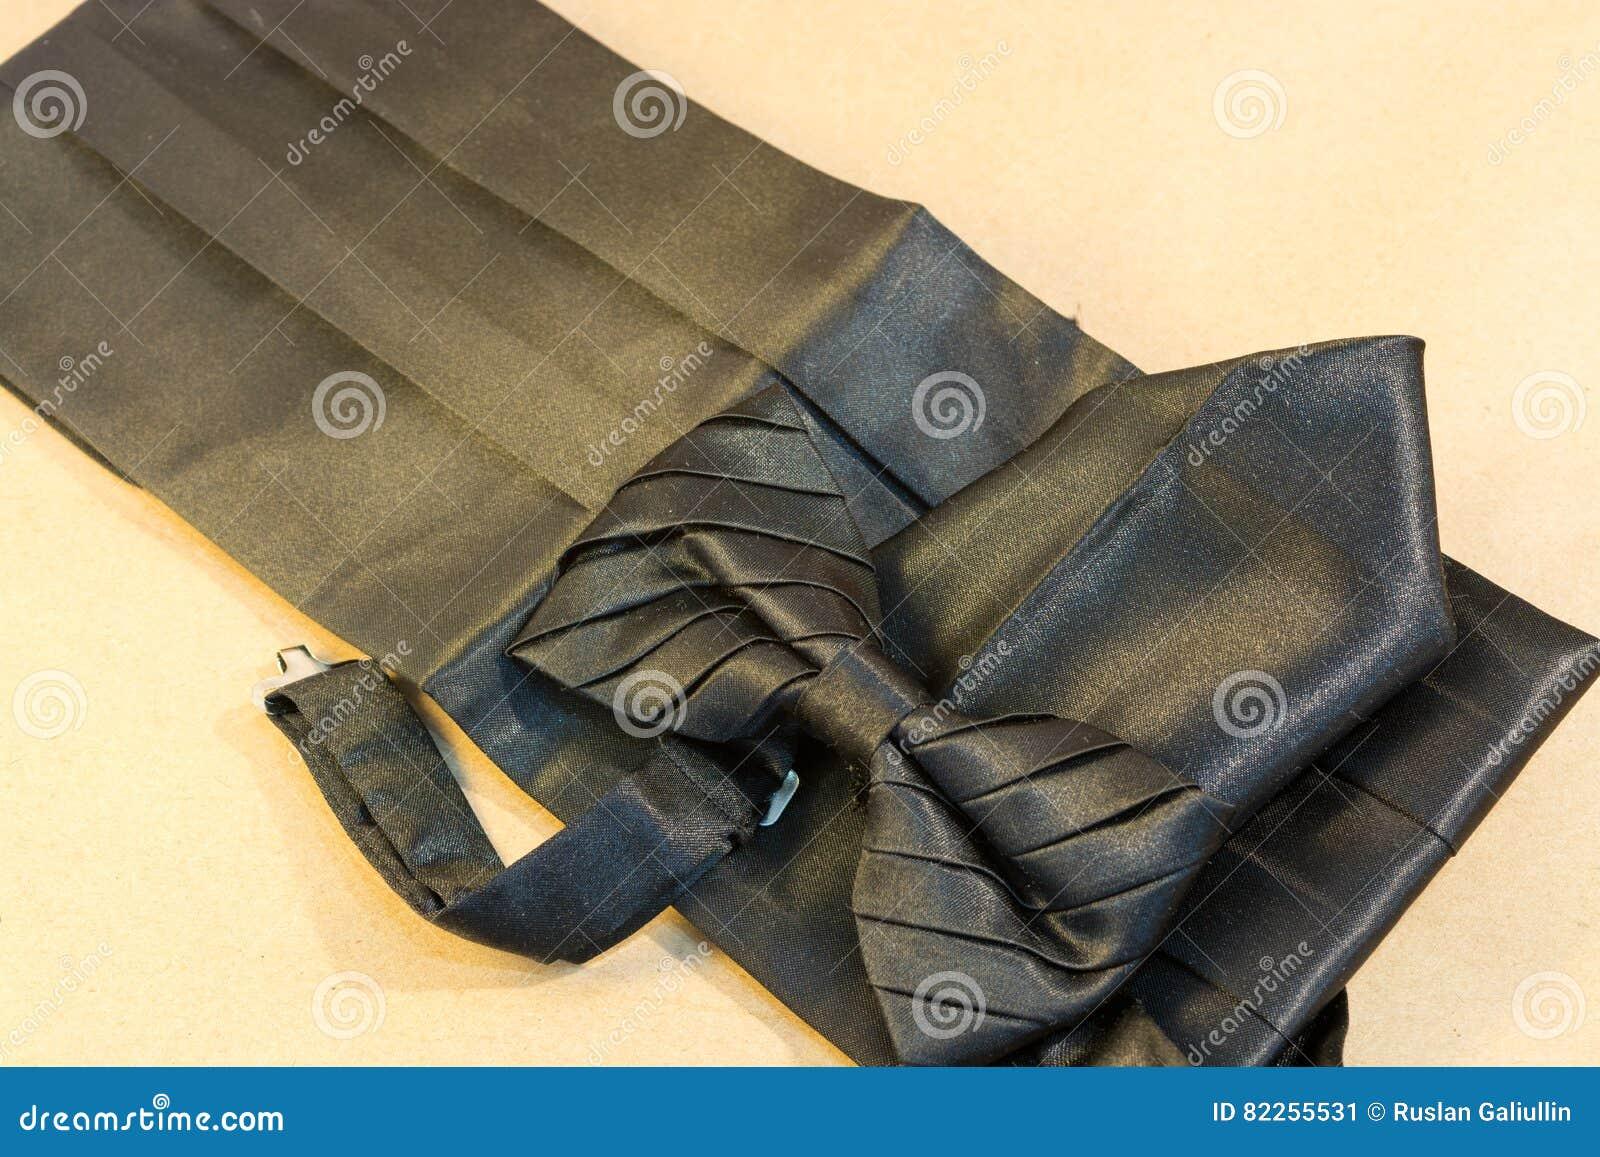 31460e1b09b7 Noeud Papillon Noir Avec Une Ceinture Et Un Mouchoir Image stock ...